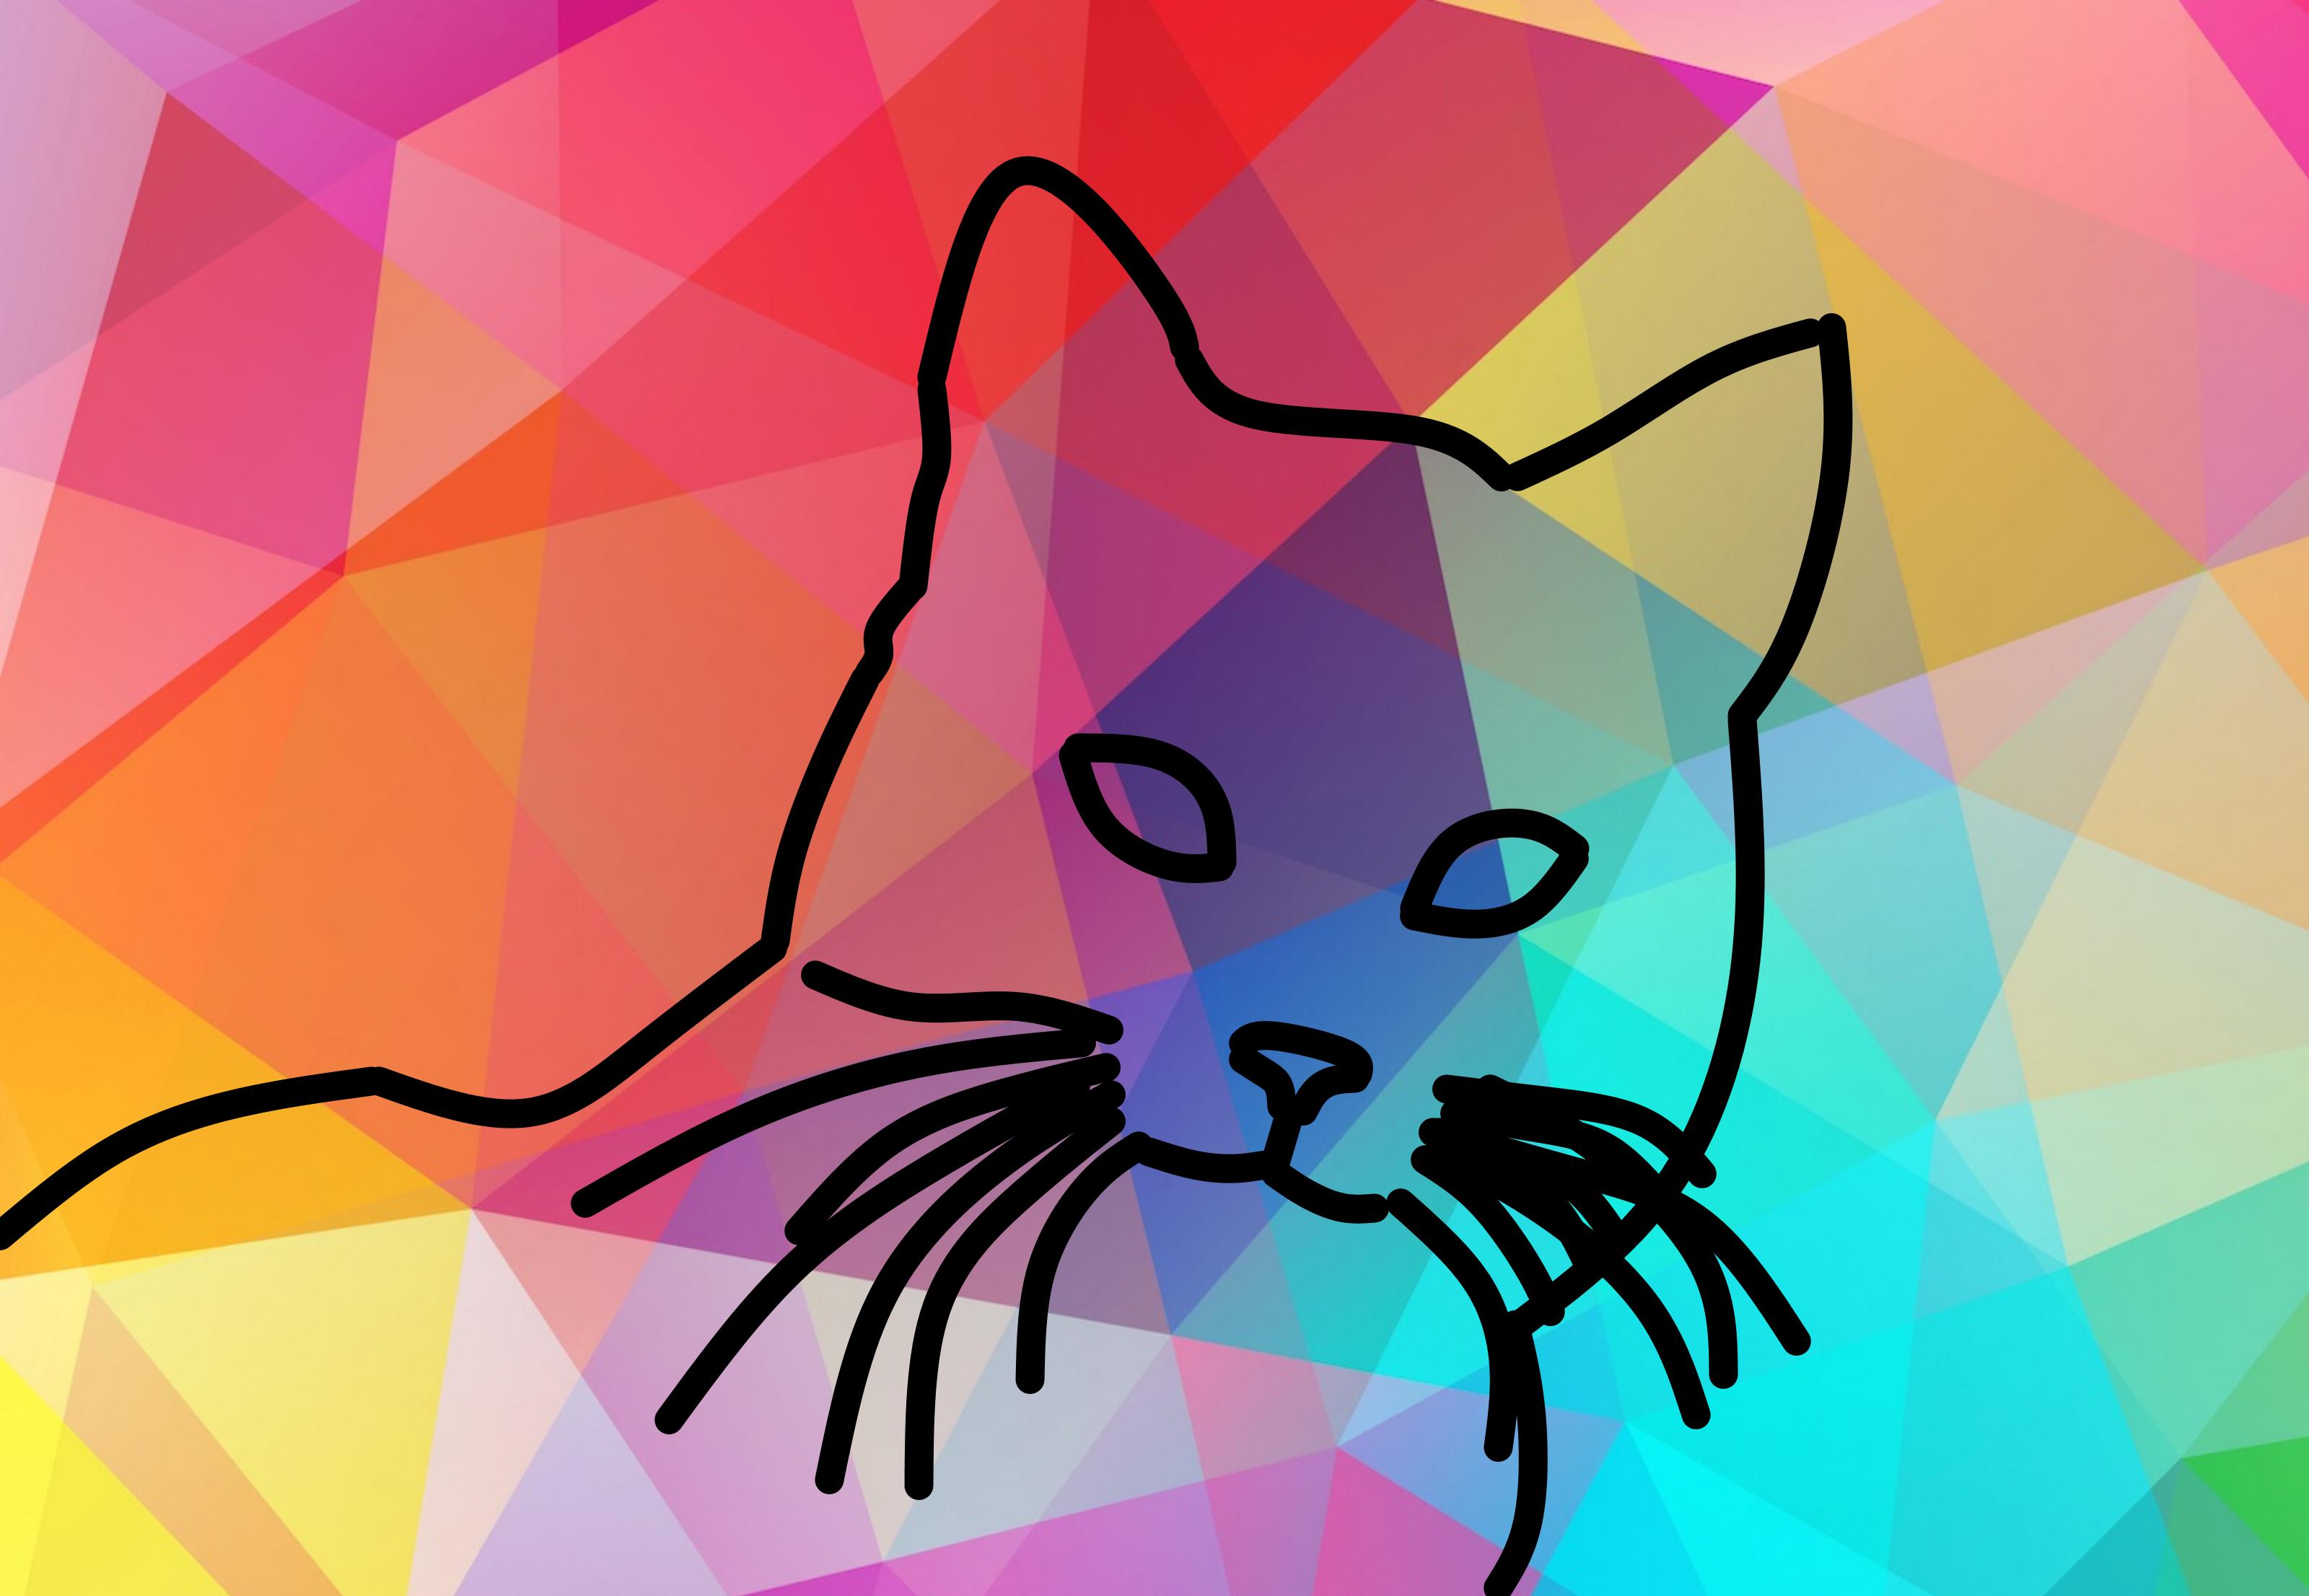 Catpic